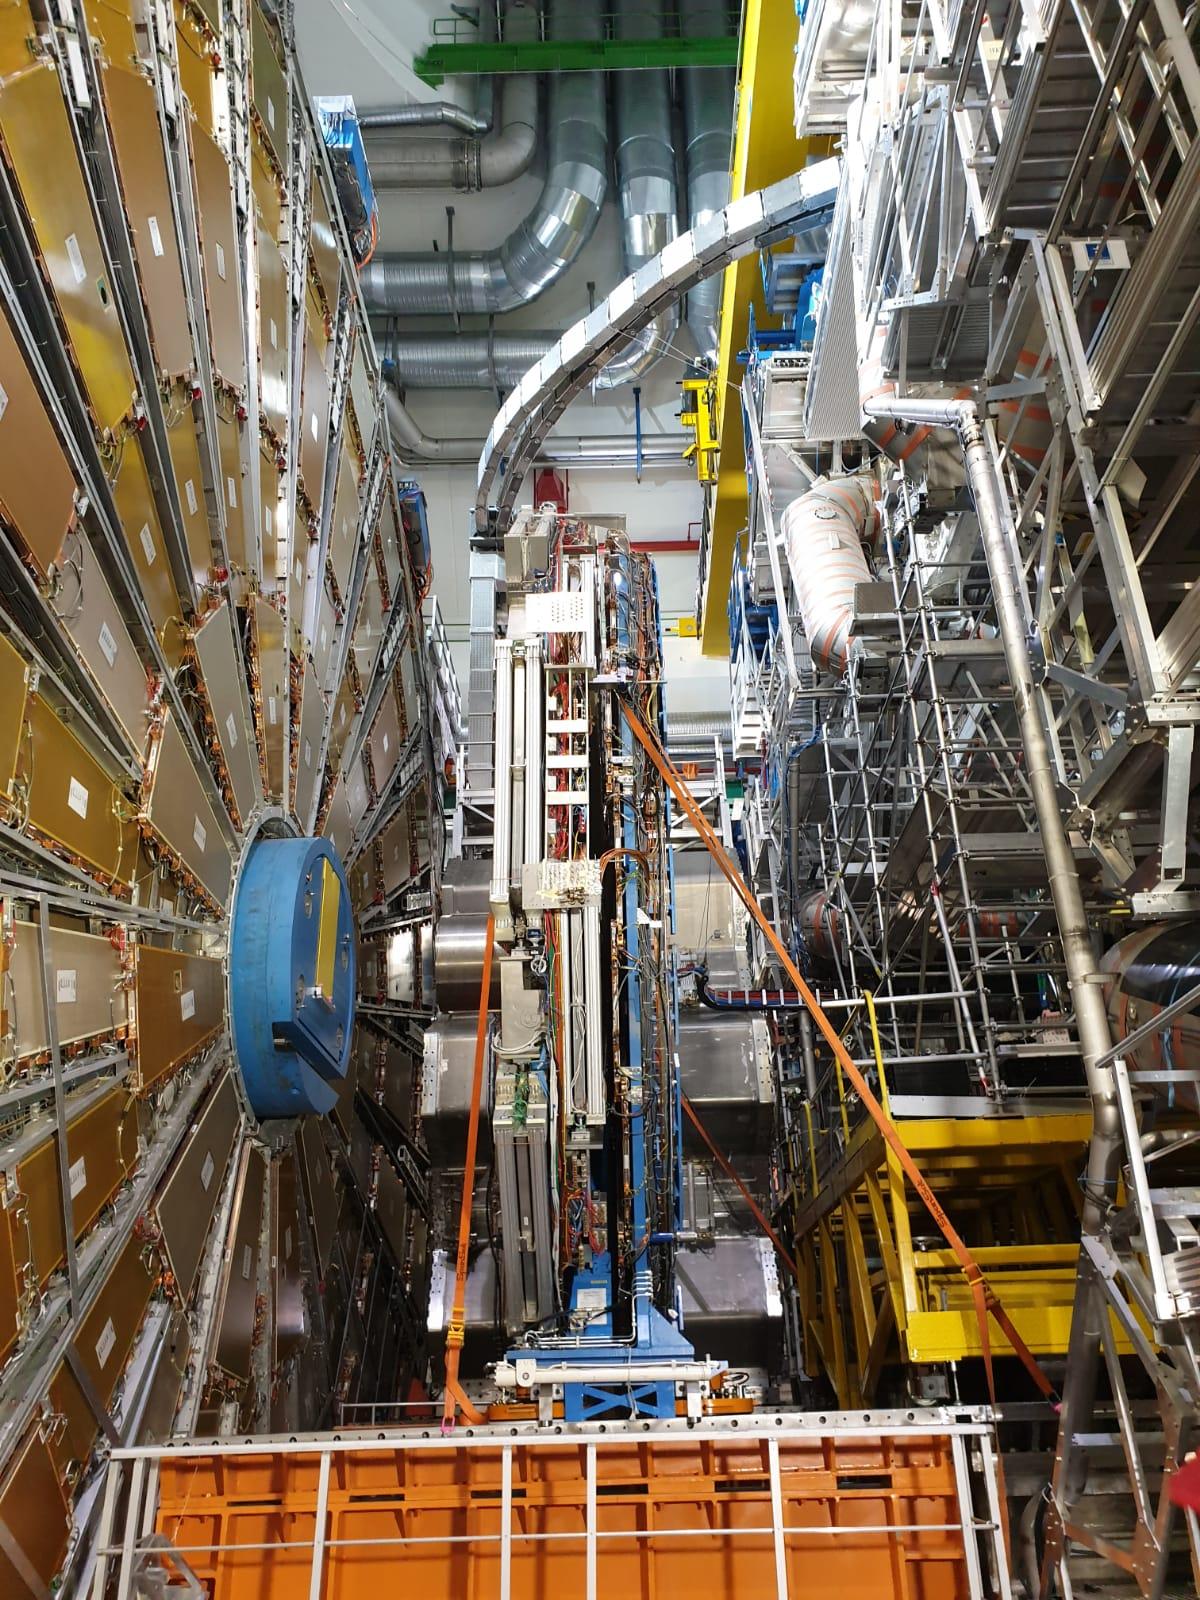 LHC Atlas Experiment 20190821